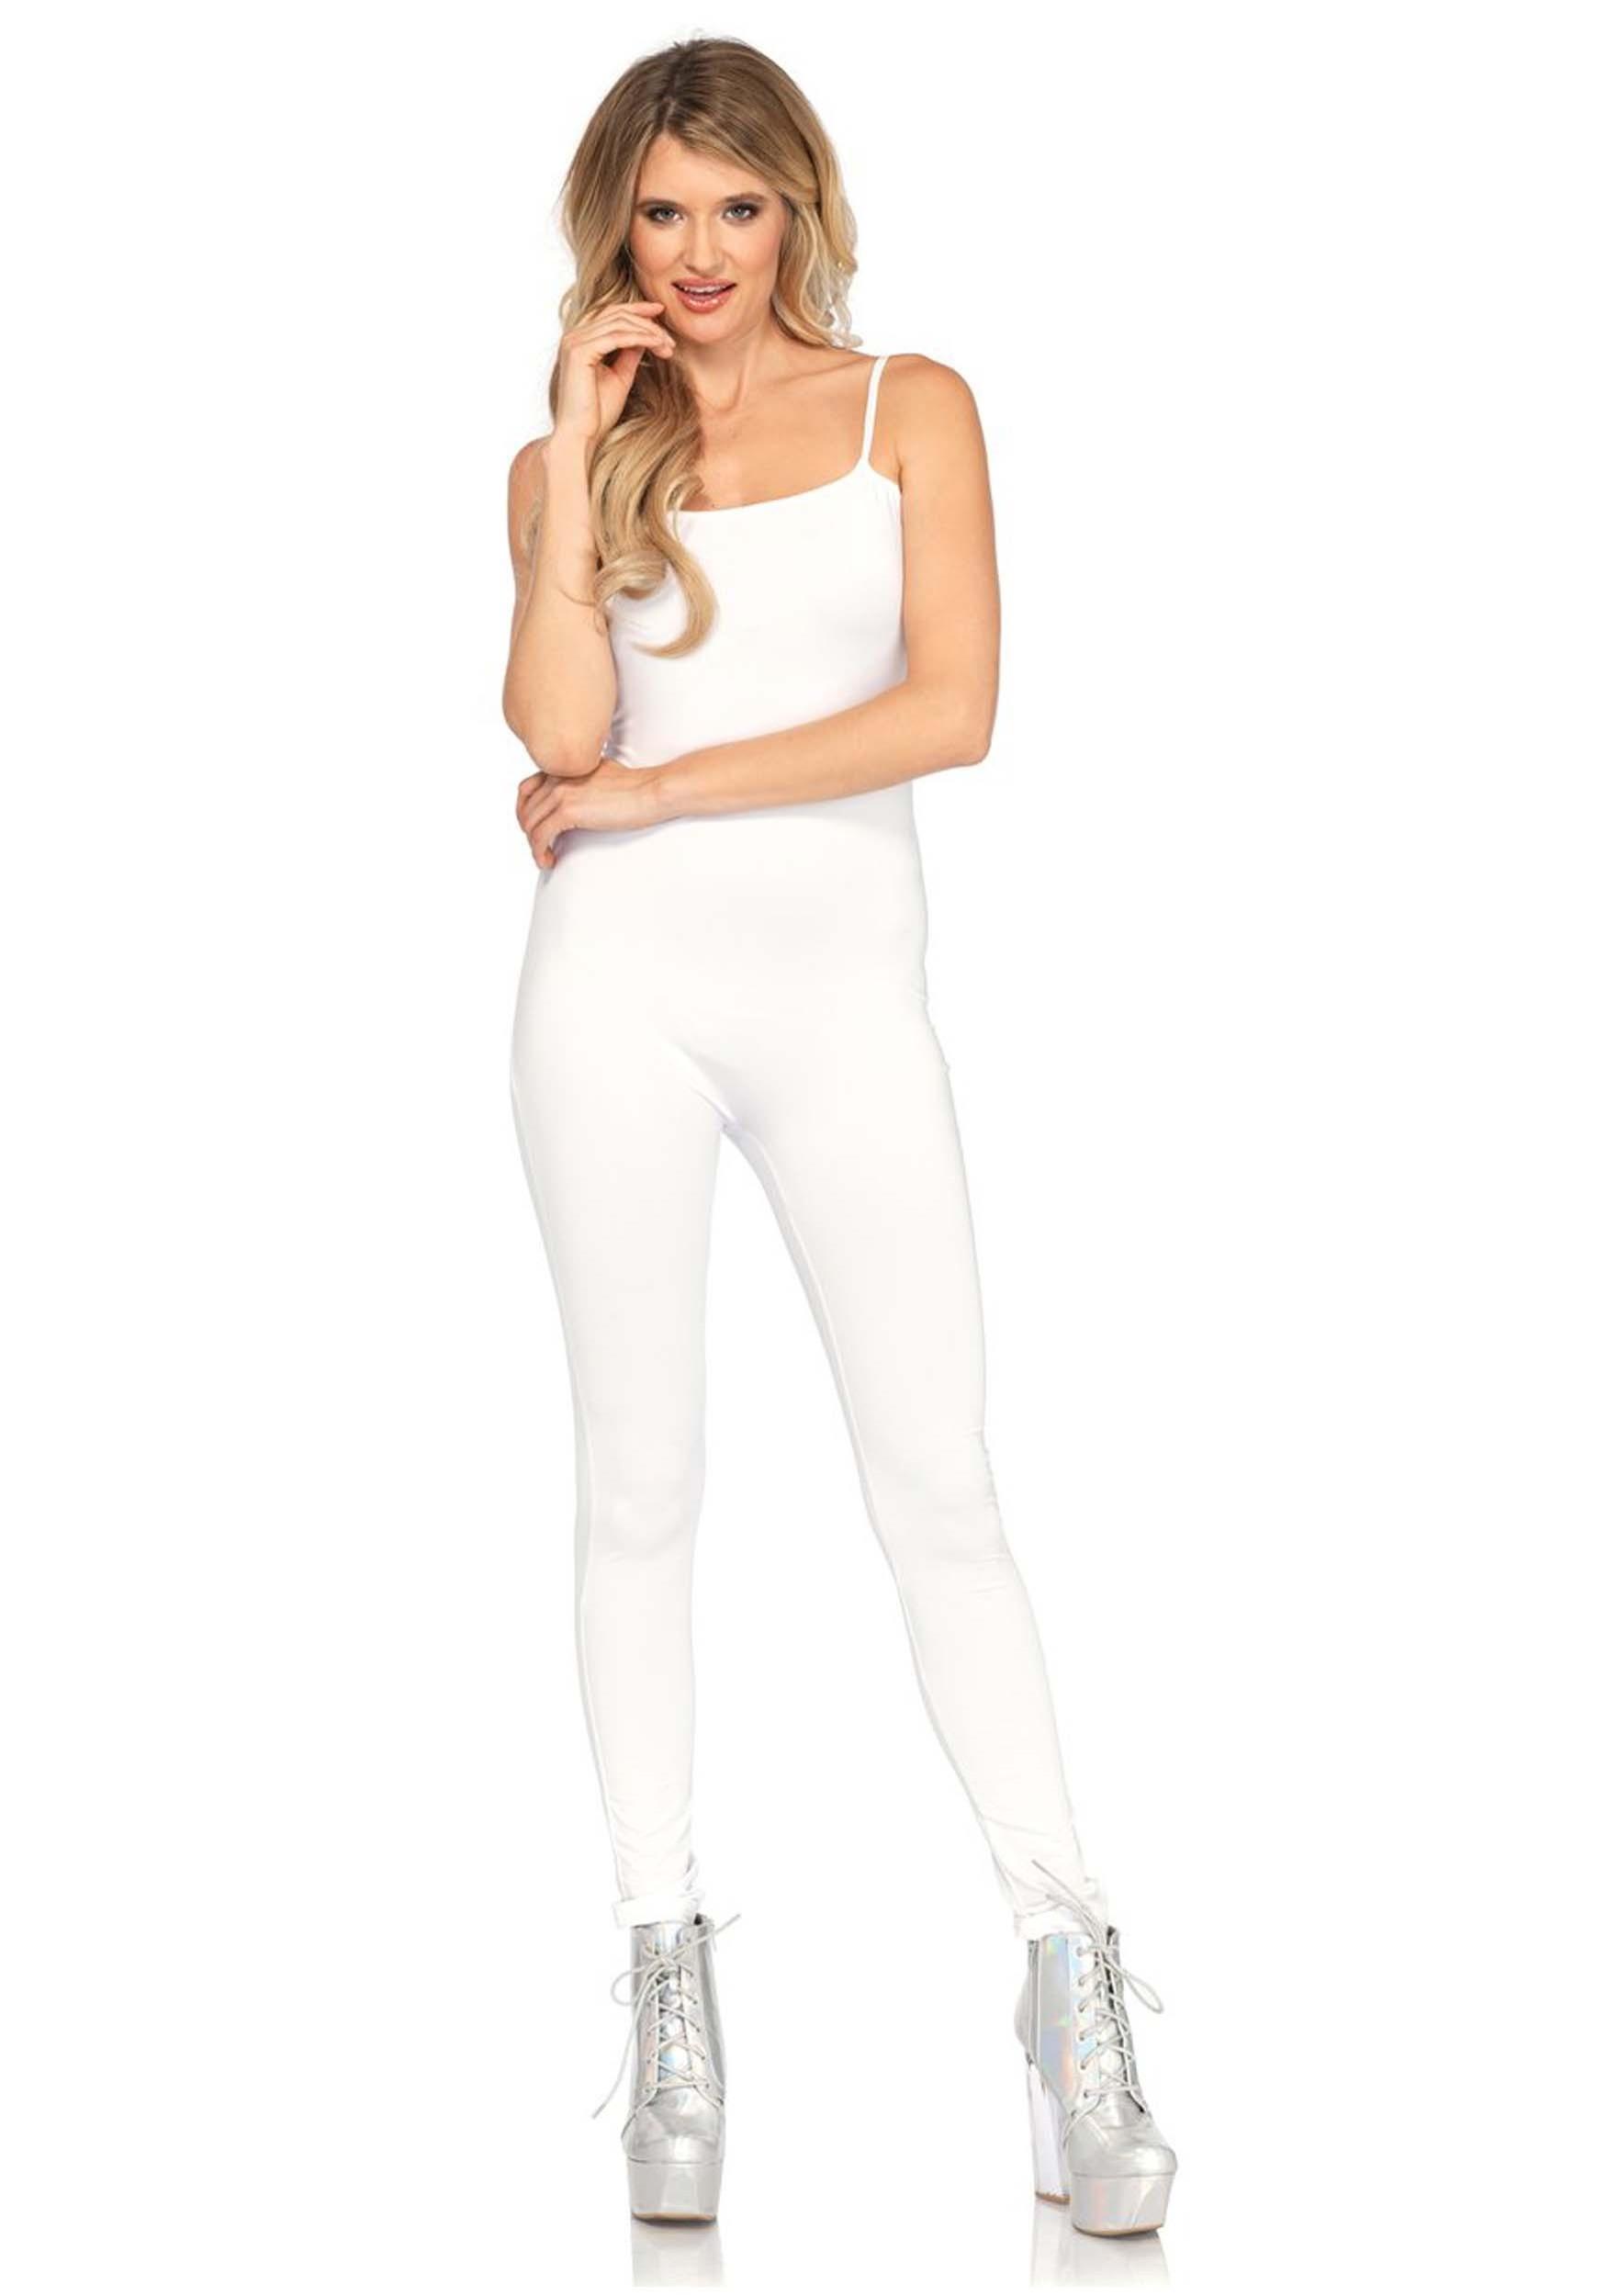 Basic White Unitard Costume for Women